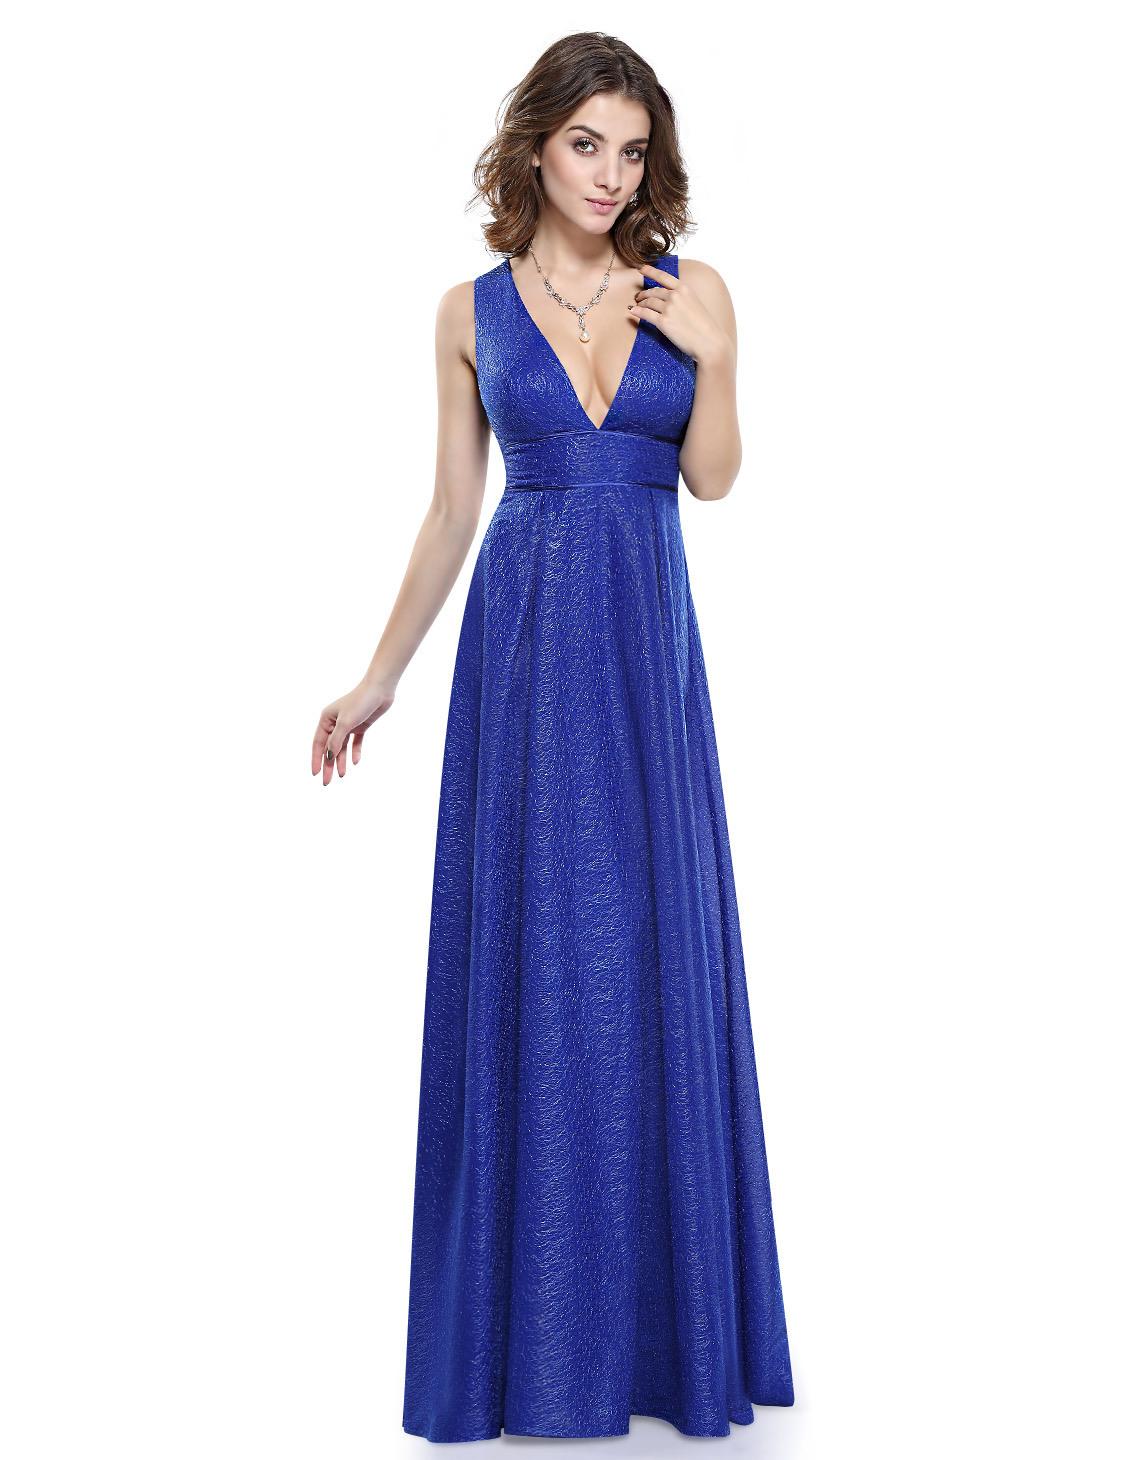 Schön Abend Kleid Dunkel Blau DesignFormal Genial Abend Kleid Dunkel Blau Vertrieb